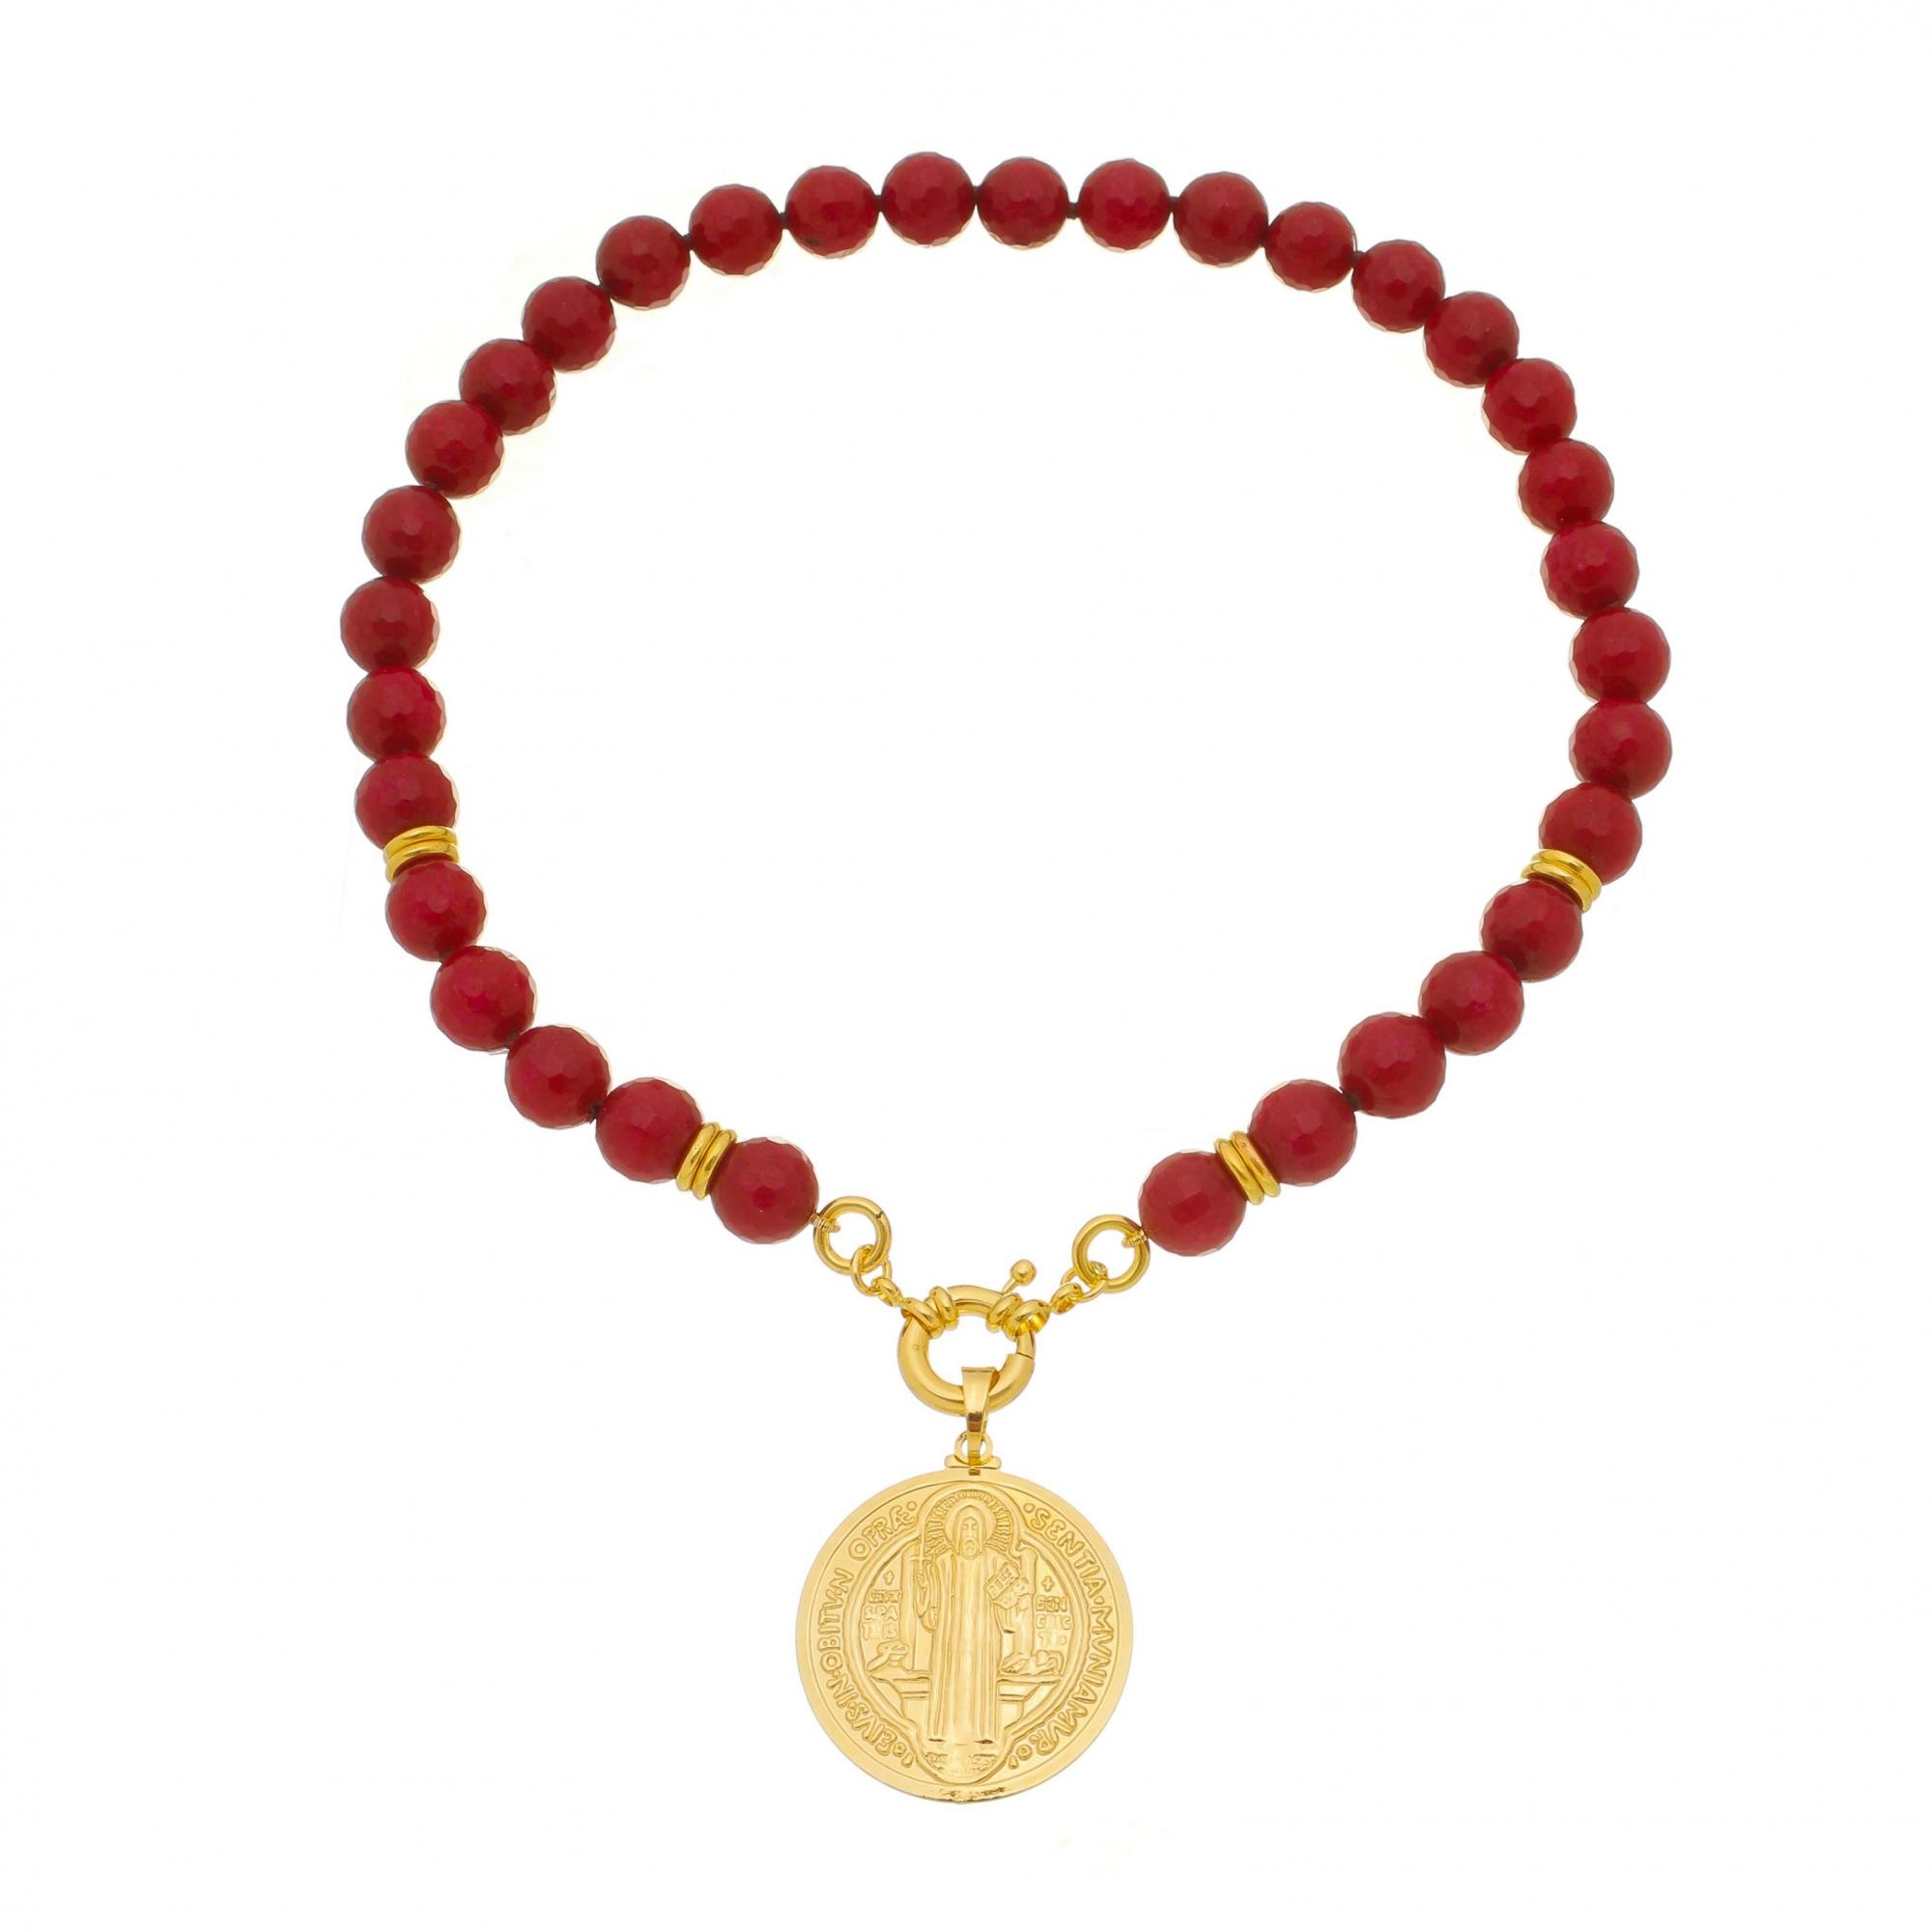 Colar Jade Rubi com Medalha de São Bento banho ouro 18K